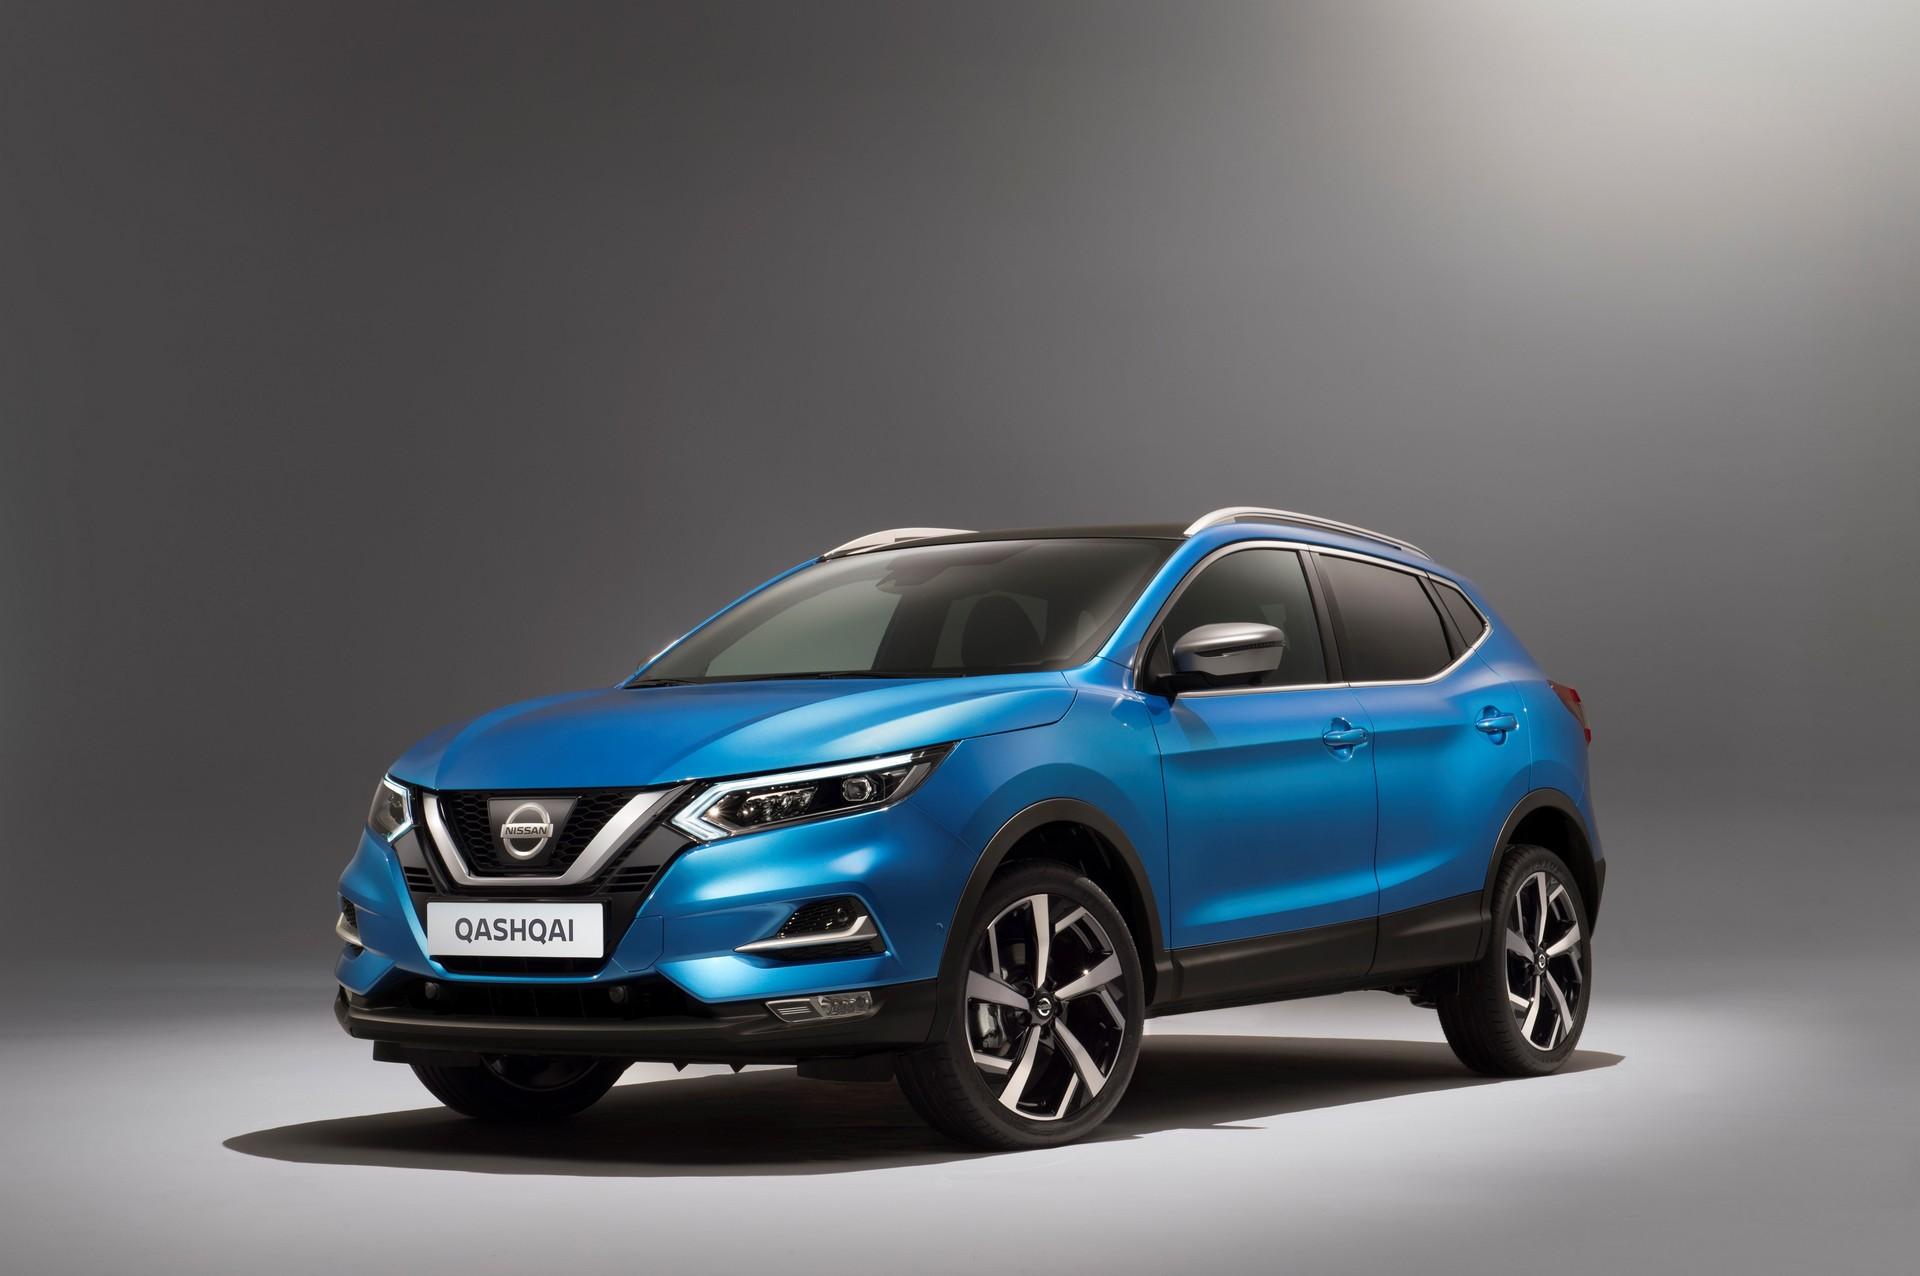 Nuovo Nissan Qashqai: maturità estetica e tecnologica